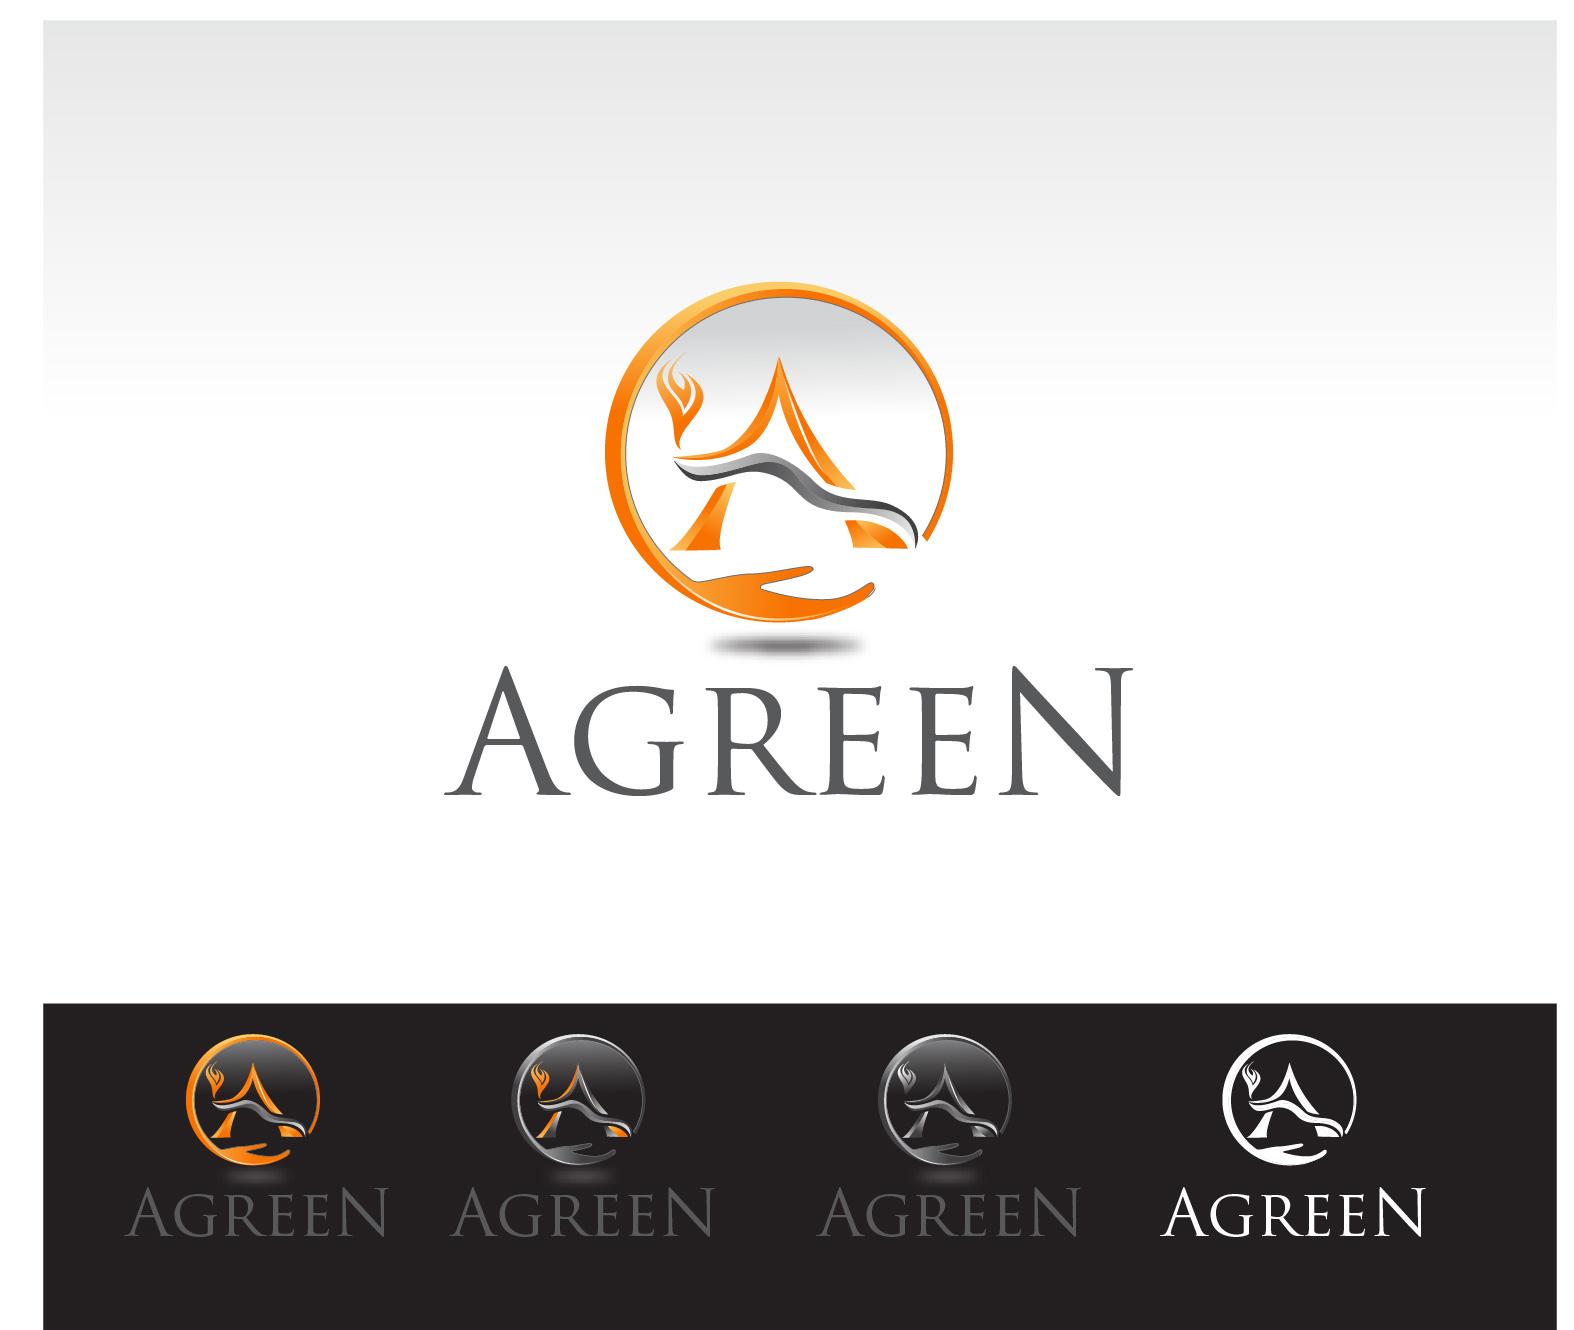 Logo Design by Robert Engi - Entry No. 112 in the Logo Design Contest Inspiring Logo Design for Agreen.